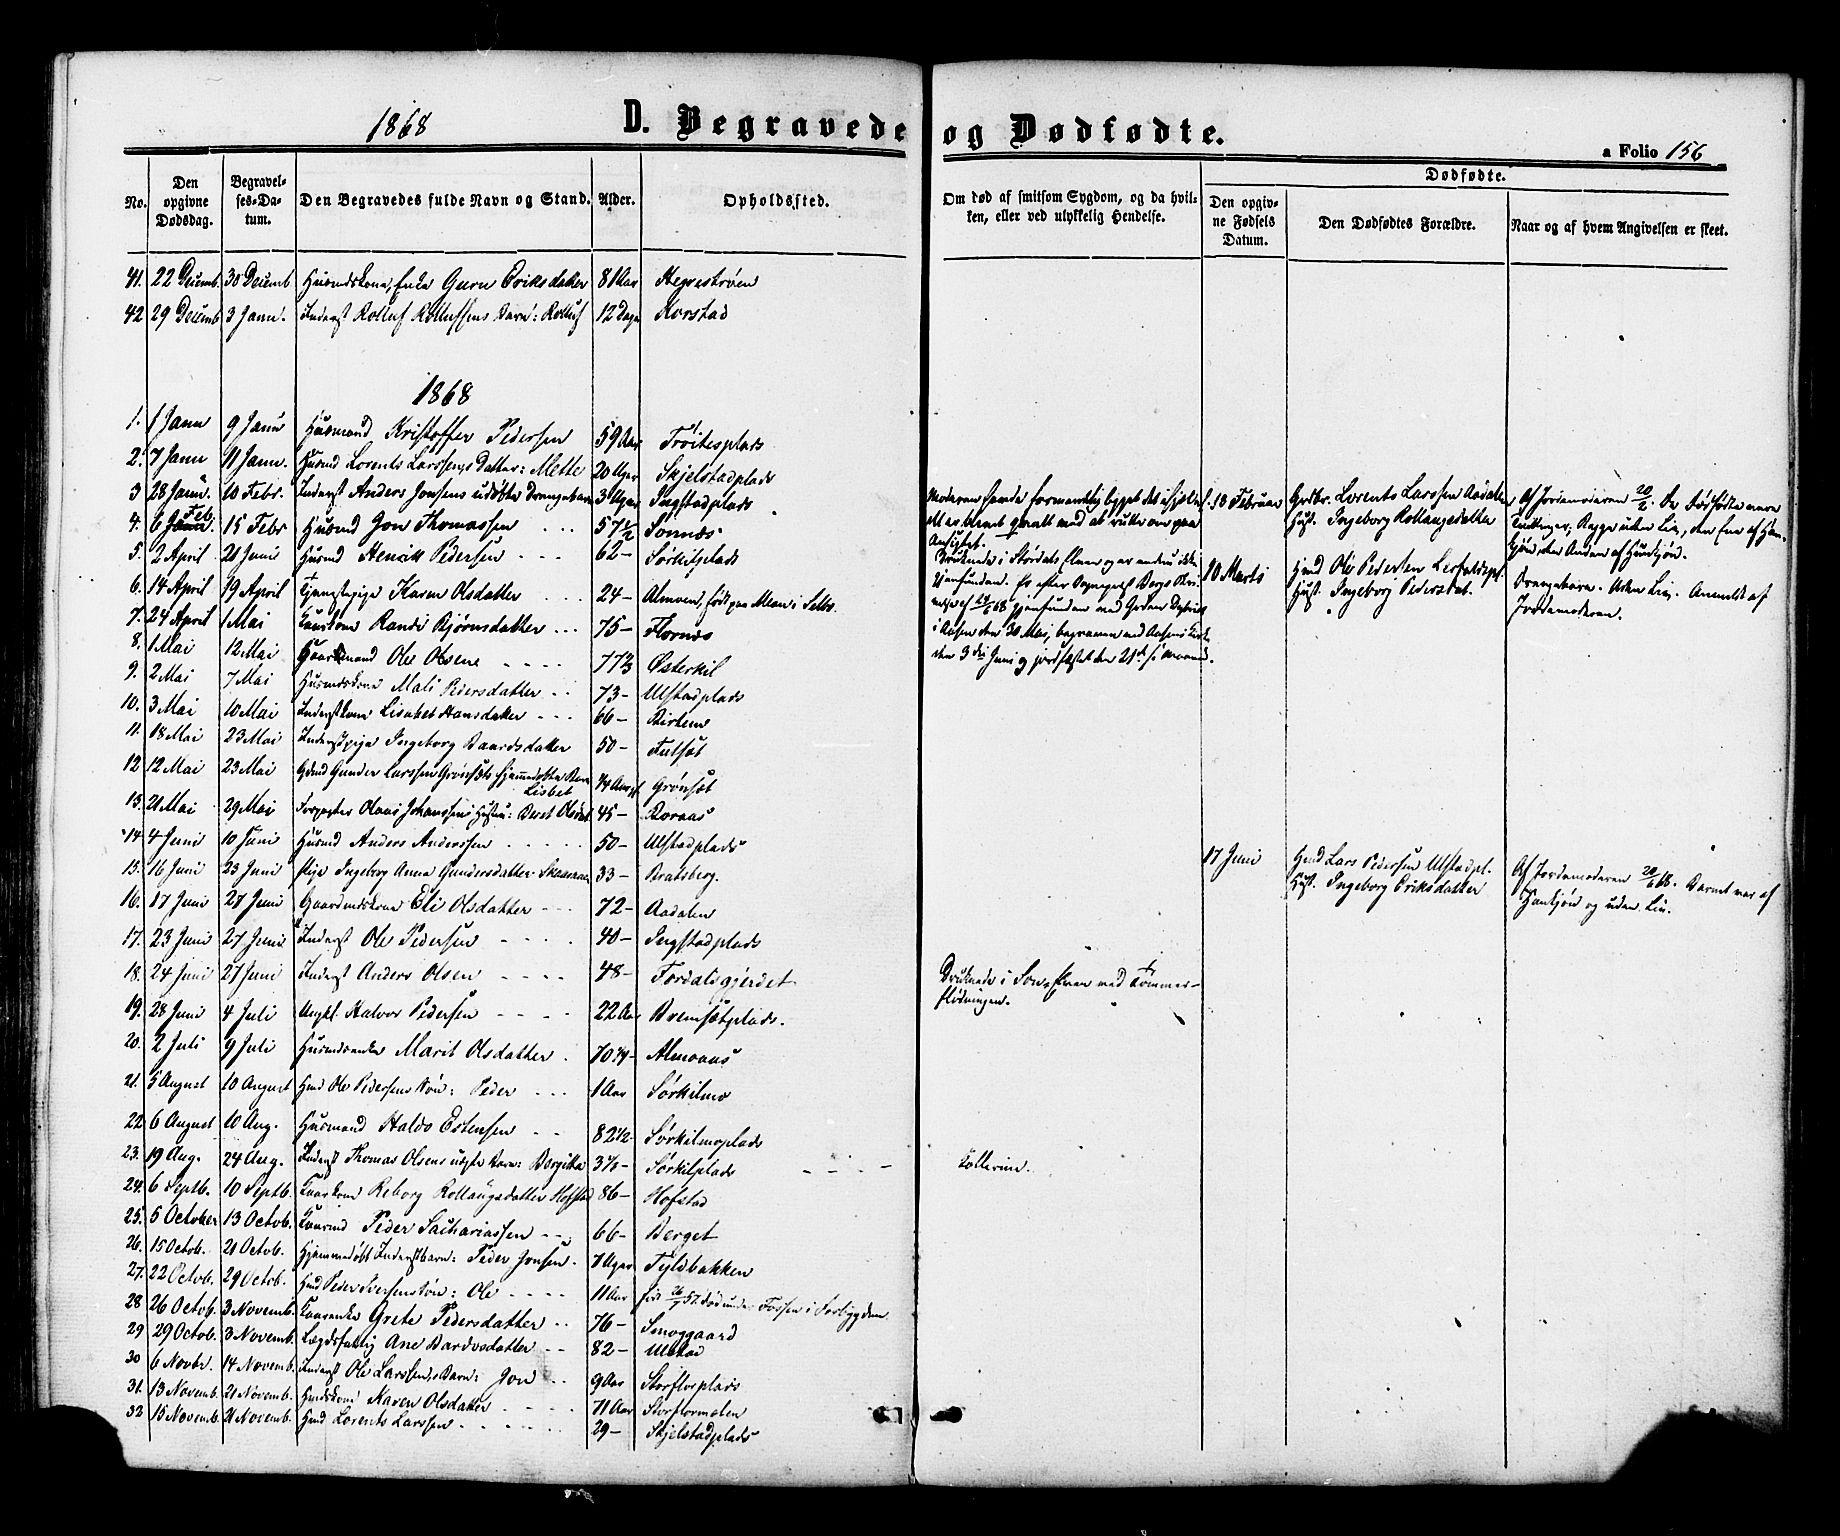 SAT, Ministerialprotokoller, klokkerbøker og fødselsregistre - Nord-Trøndelag, 703/L0029: Ministerialbok nr. 703A02, 1863-1879, s. 156